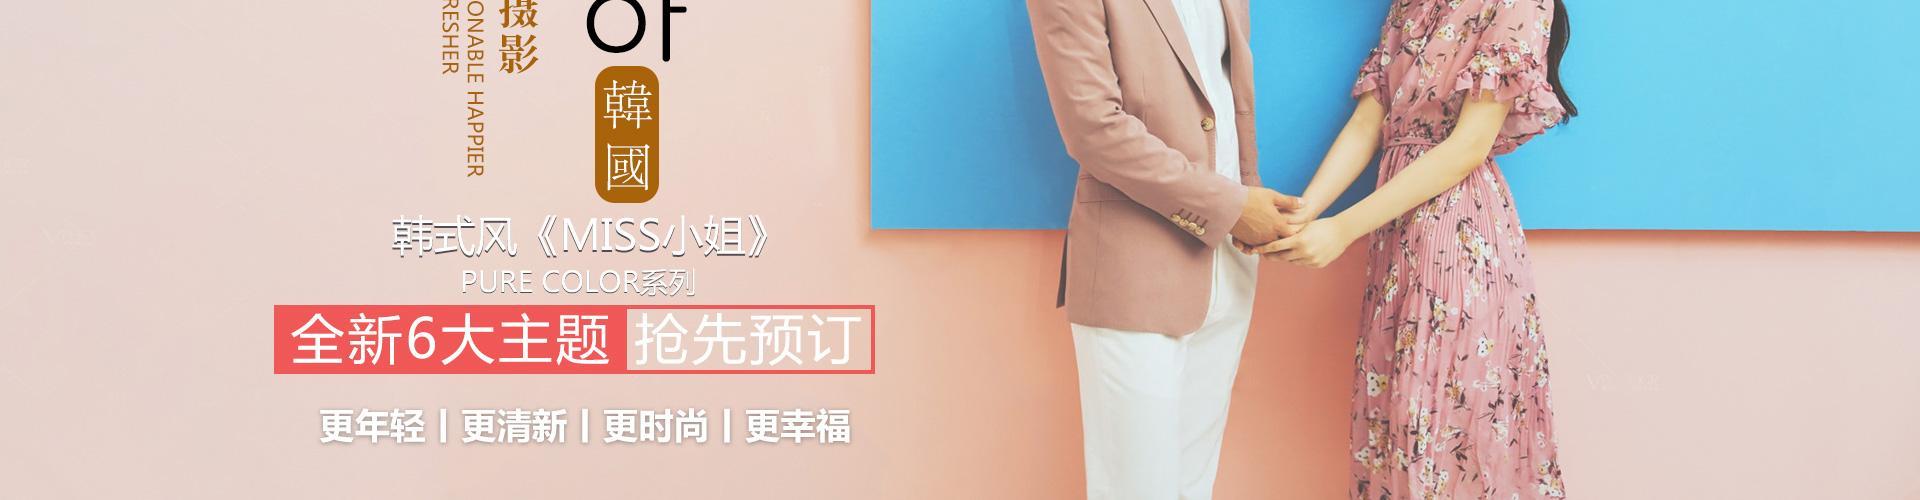 《韩式MISS小姐-纯色系列》